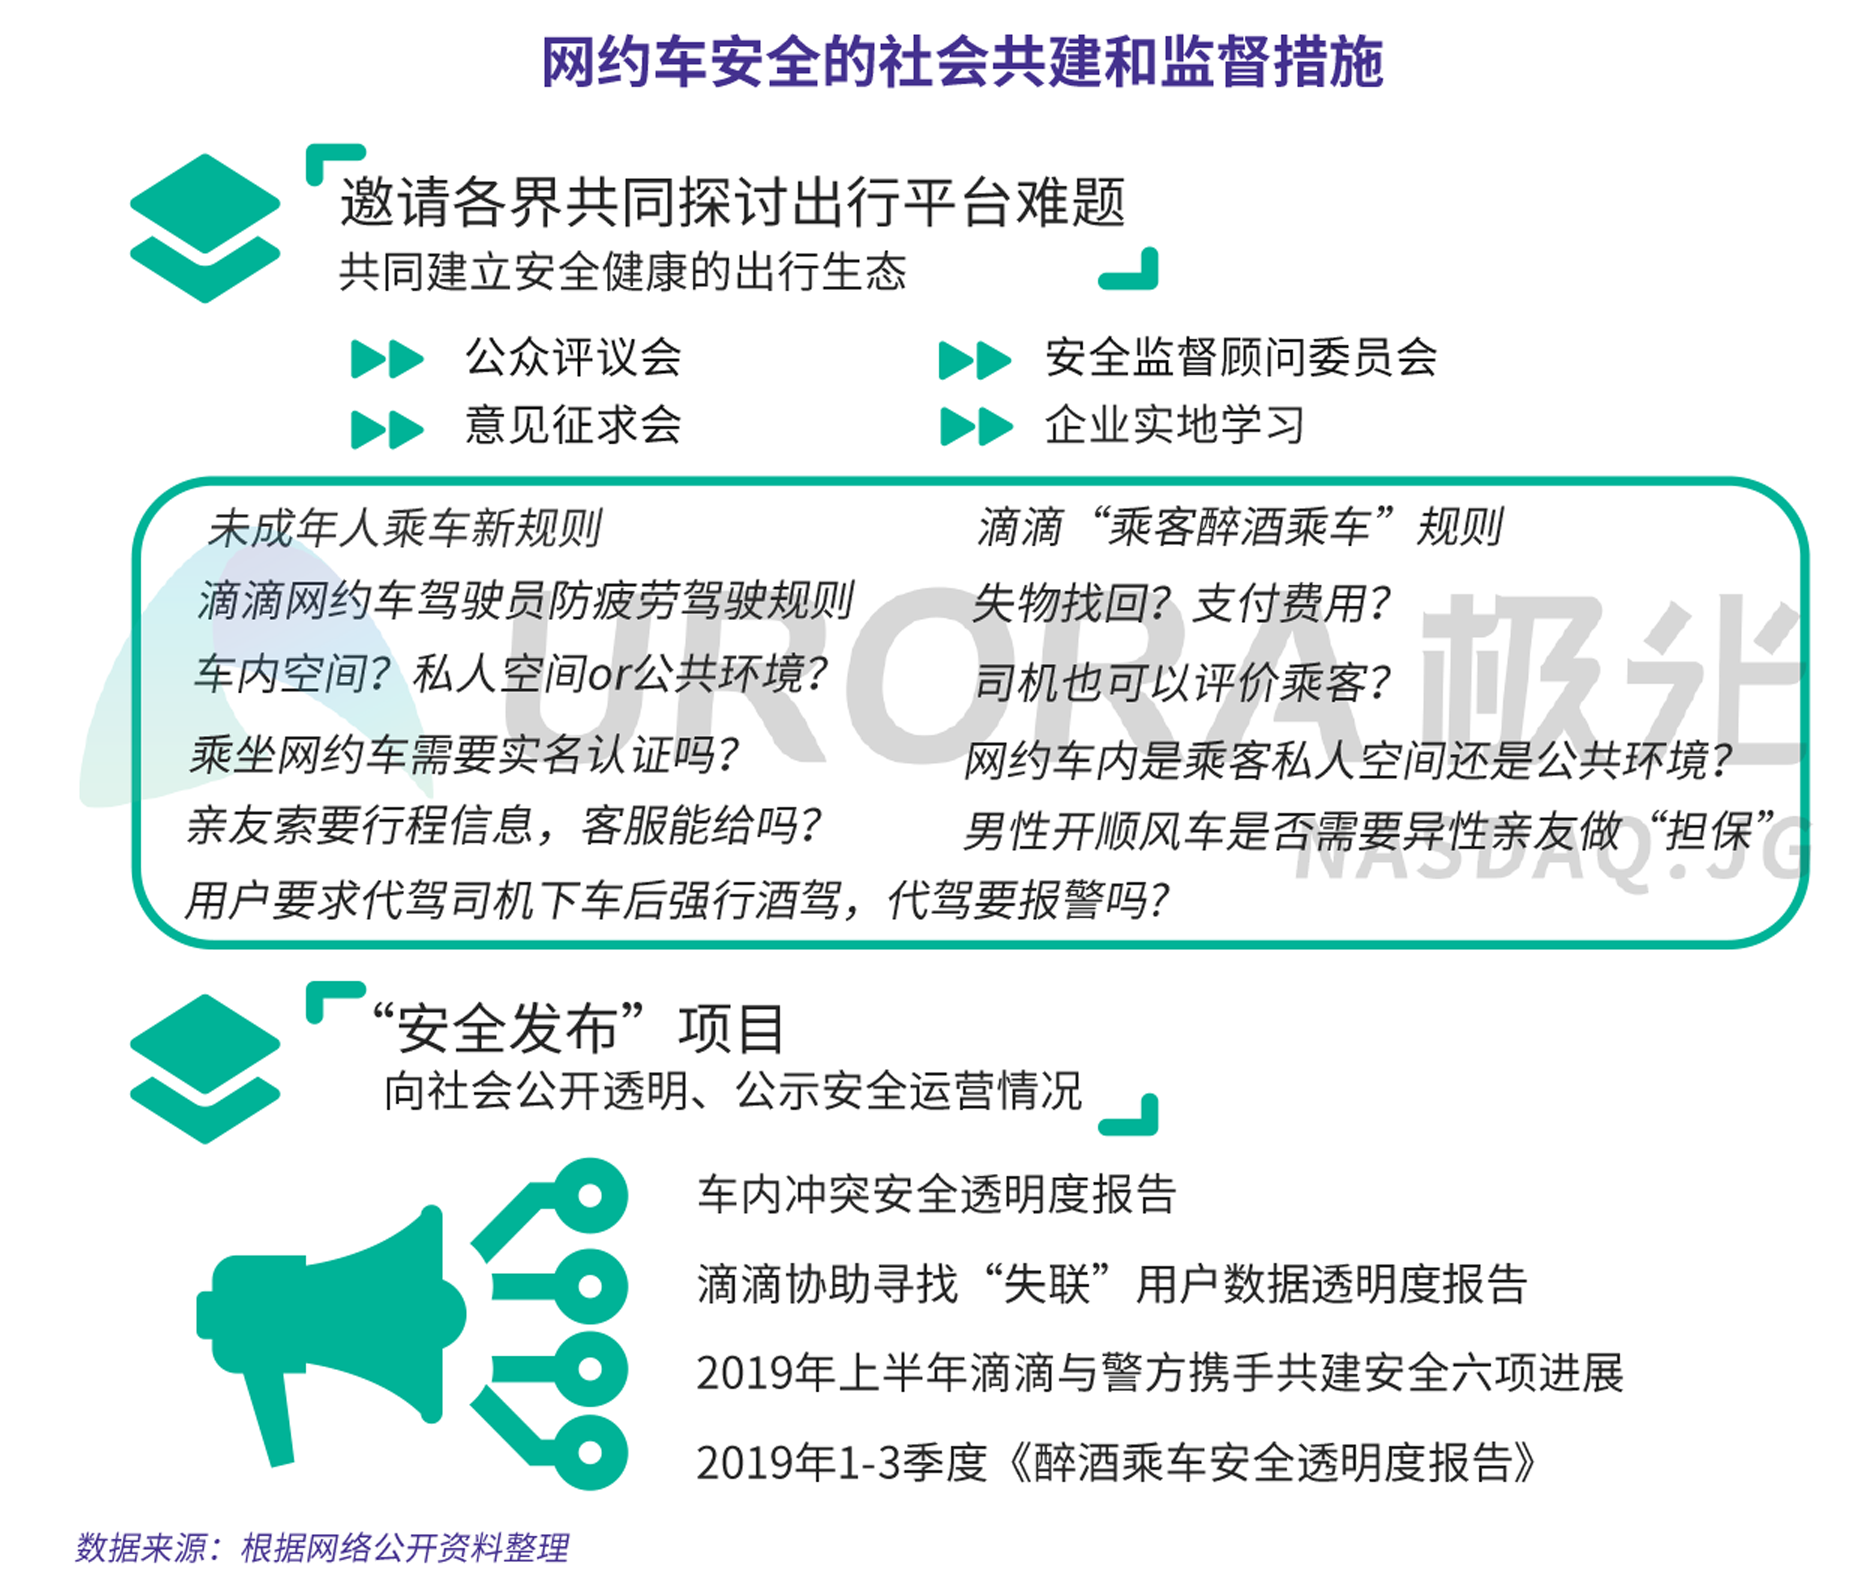 JIGUANG-网约车出行安全用户信心研究-新版-V4-8.png